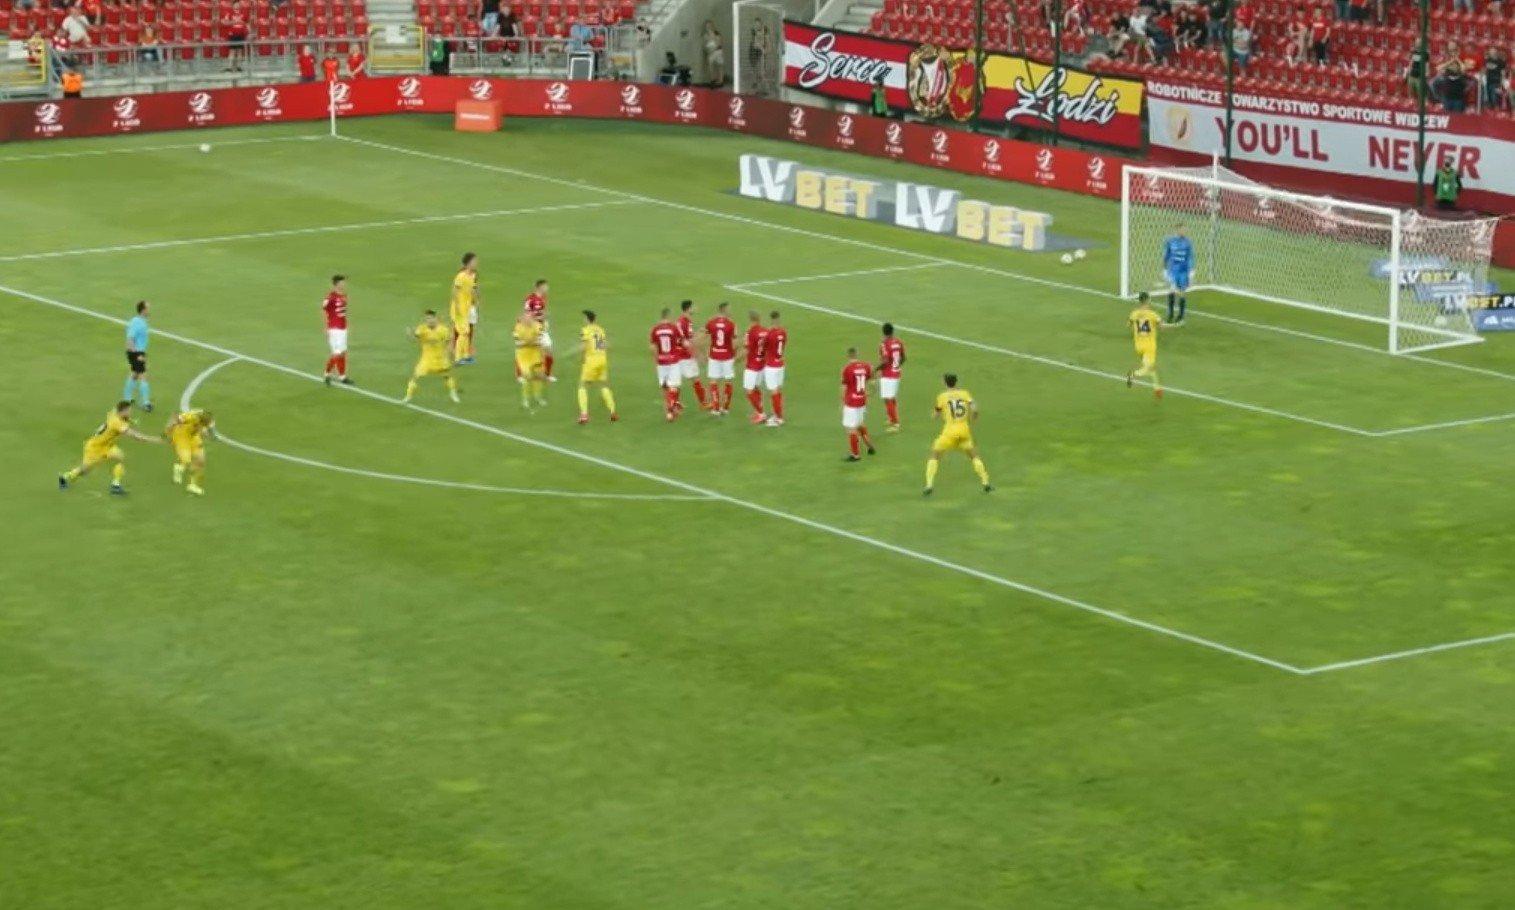 2 liga. Skrót meczu Widzew Łódź - Elana Toruń 1:1 [WIDEO] | Gol24